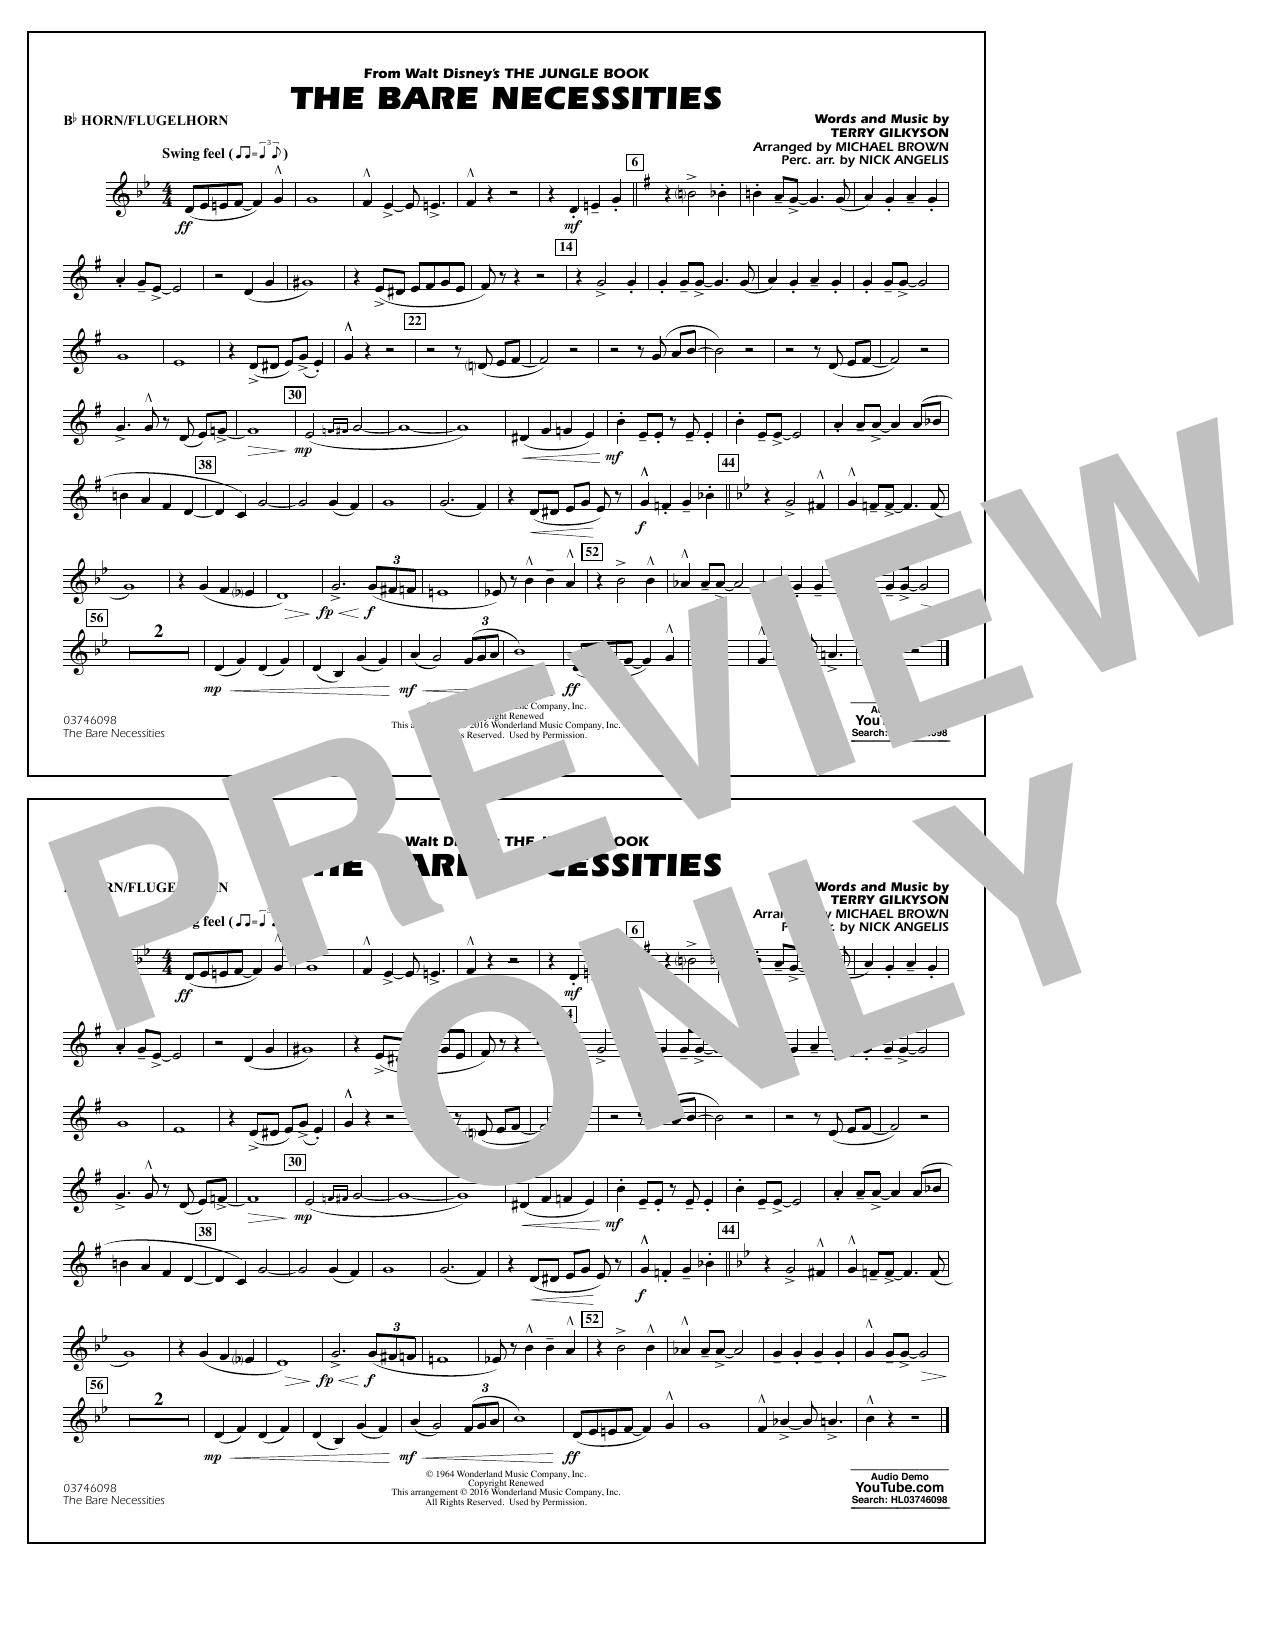 The Bare Necessities (from The Jungle Book) - Bb Horn/Flugelhorn Sheet Music